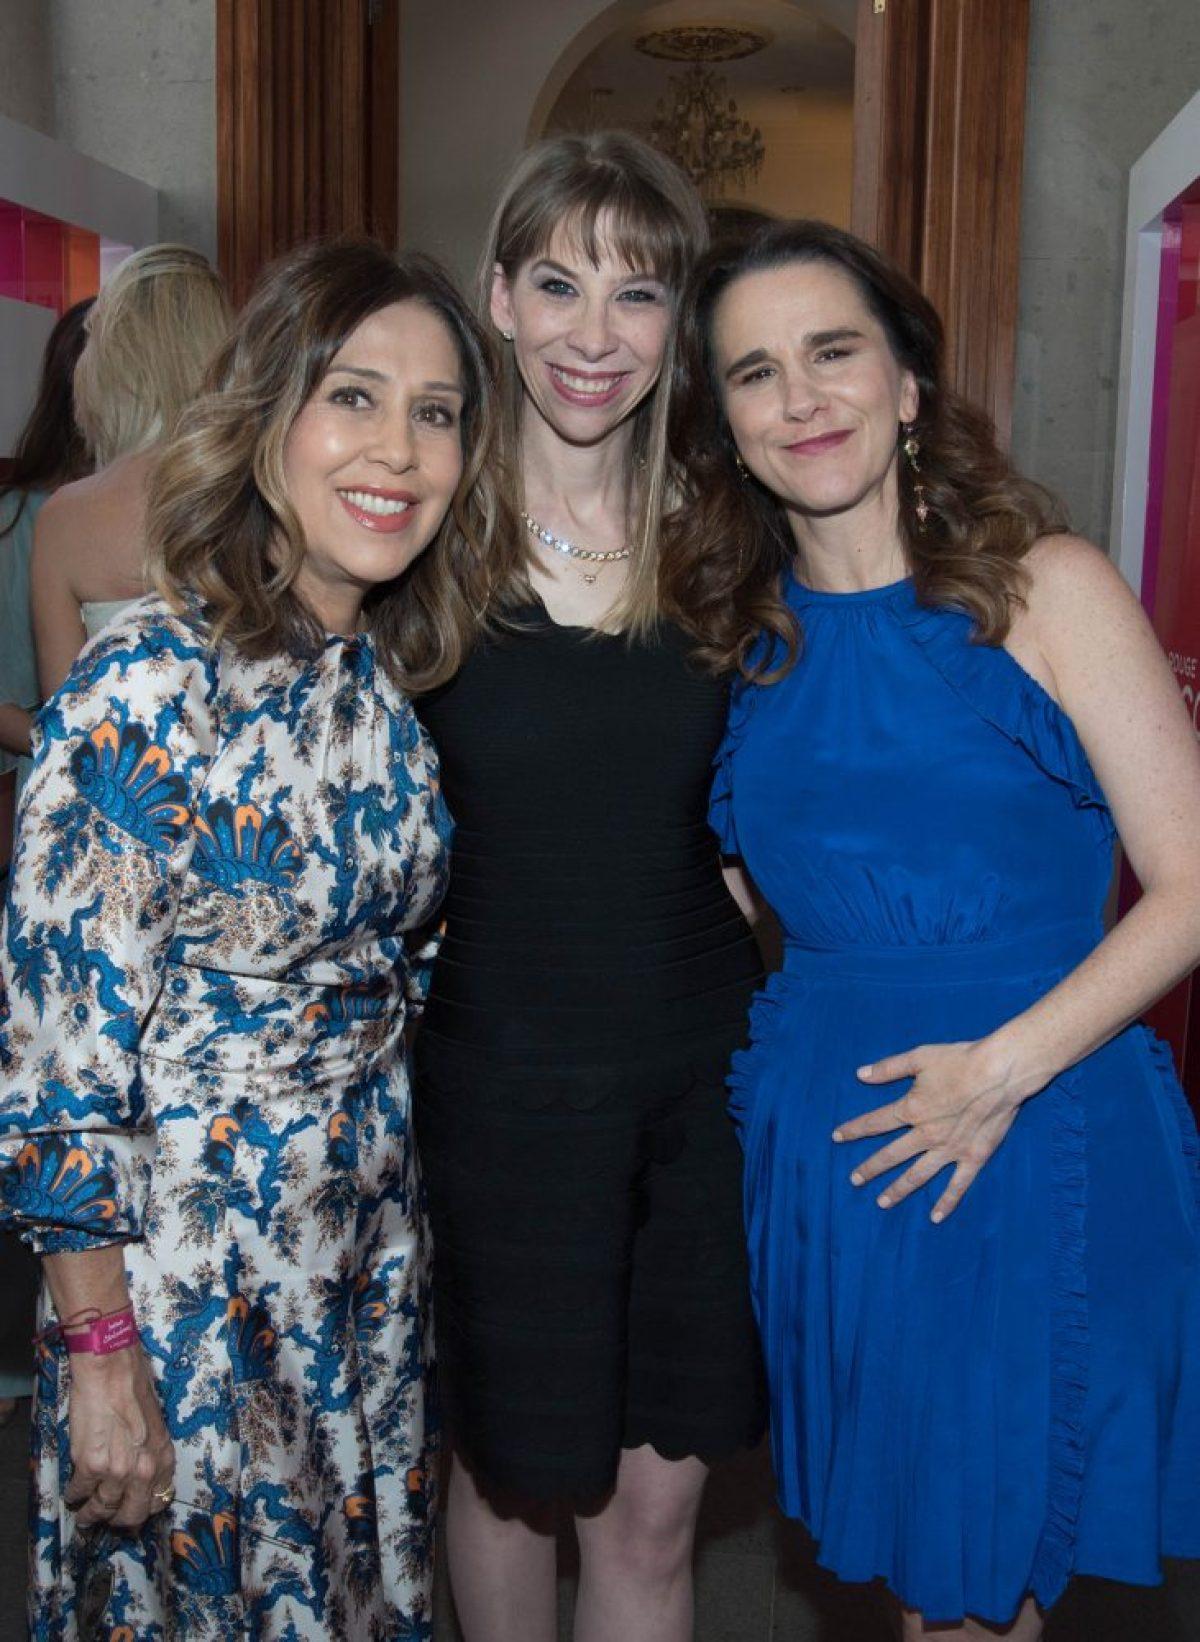 Janina Serdio, Karla Berman y Blanca Juana Gomez Morera